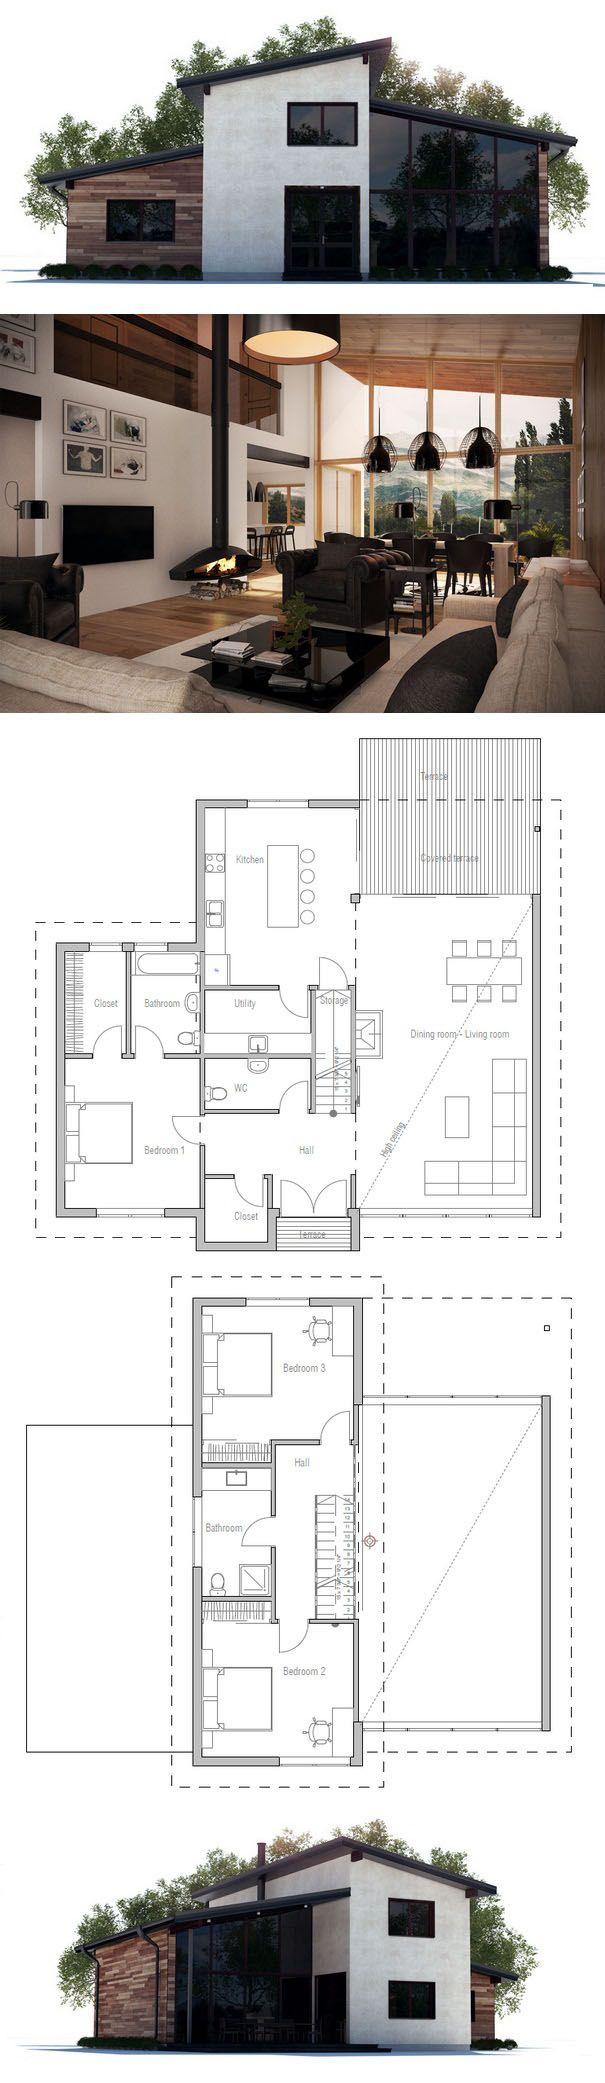 Immobilien einfamilienhaus grundrisse zuhause traumhaus wand von fenstern vielen fenstern modernes haus pläne moderne häuser